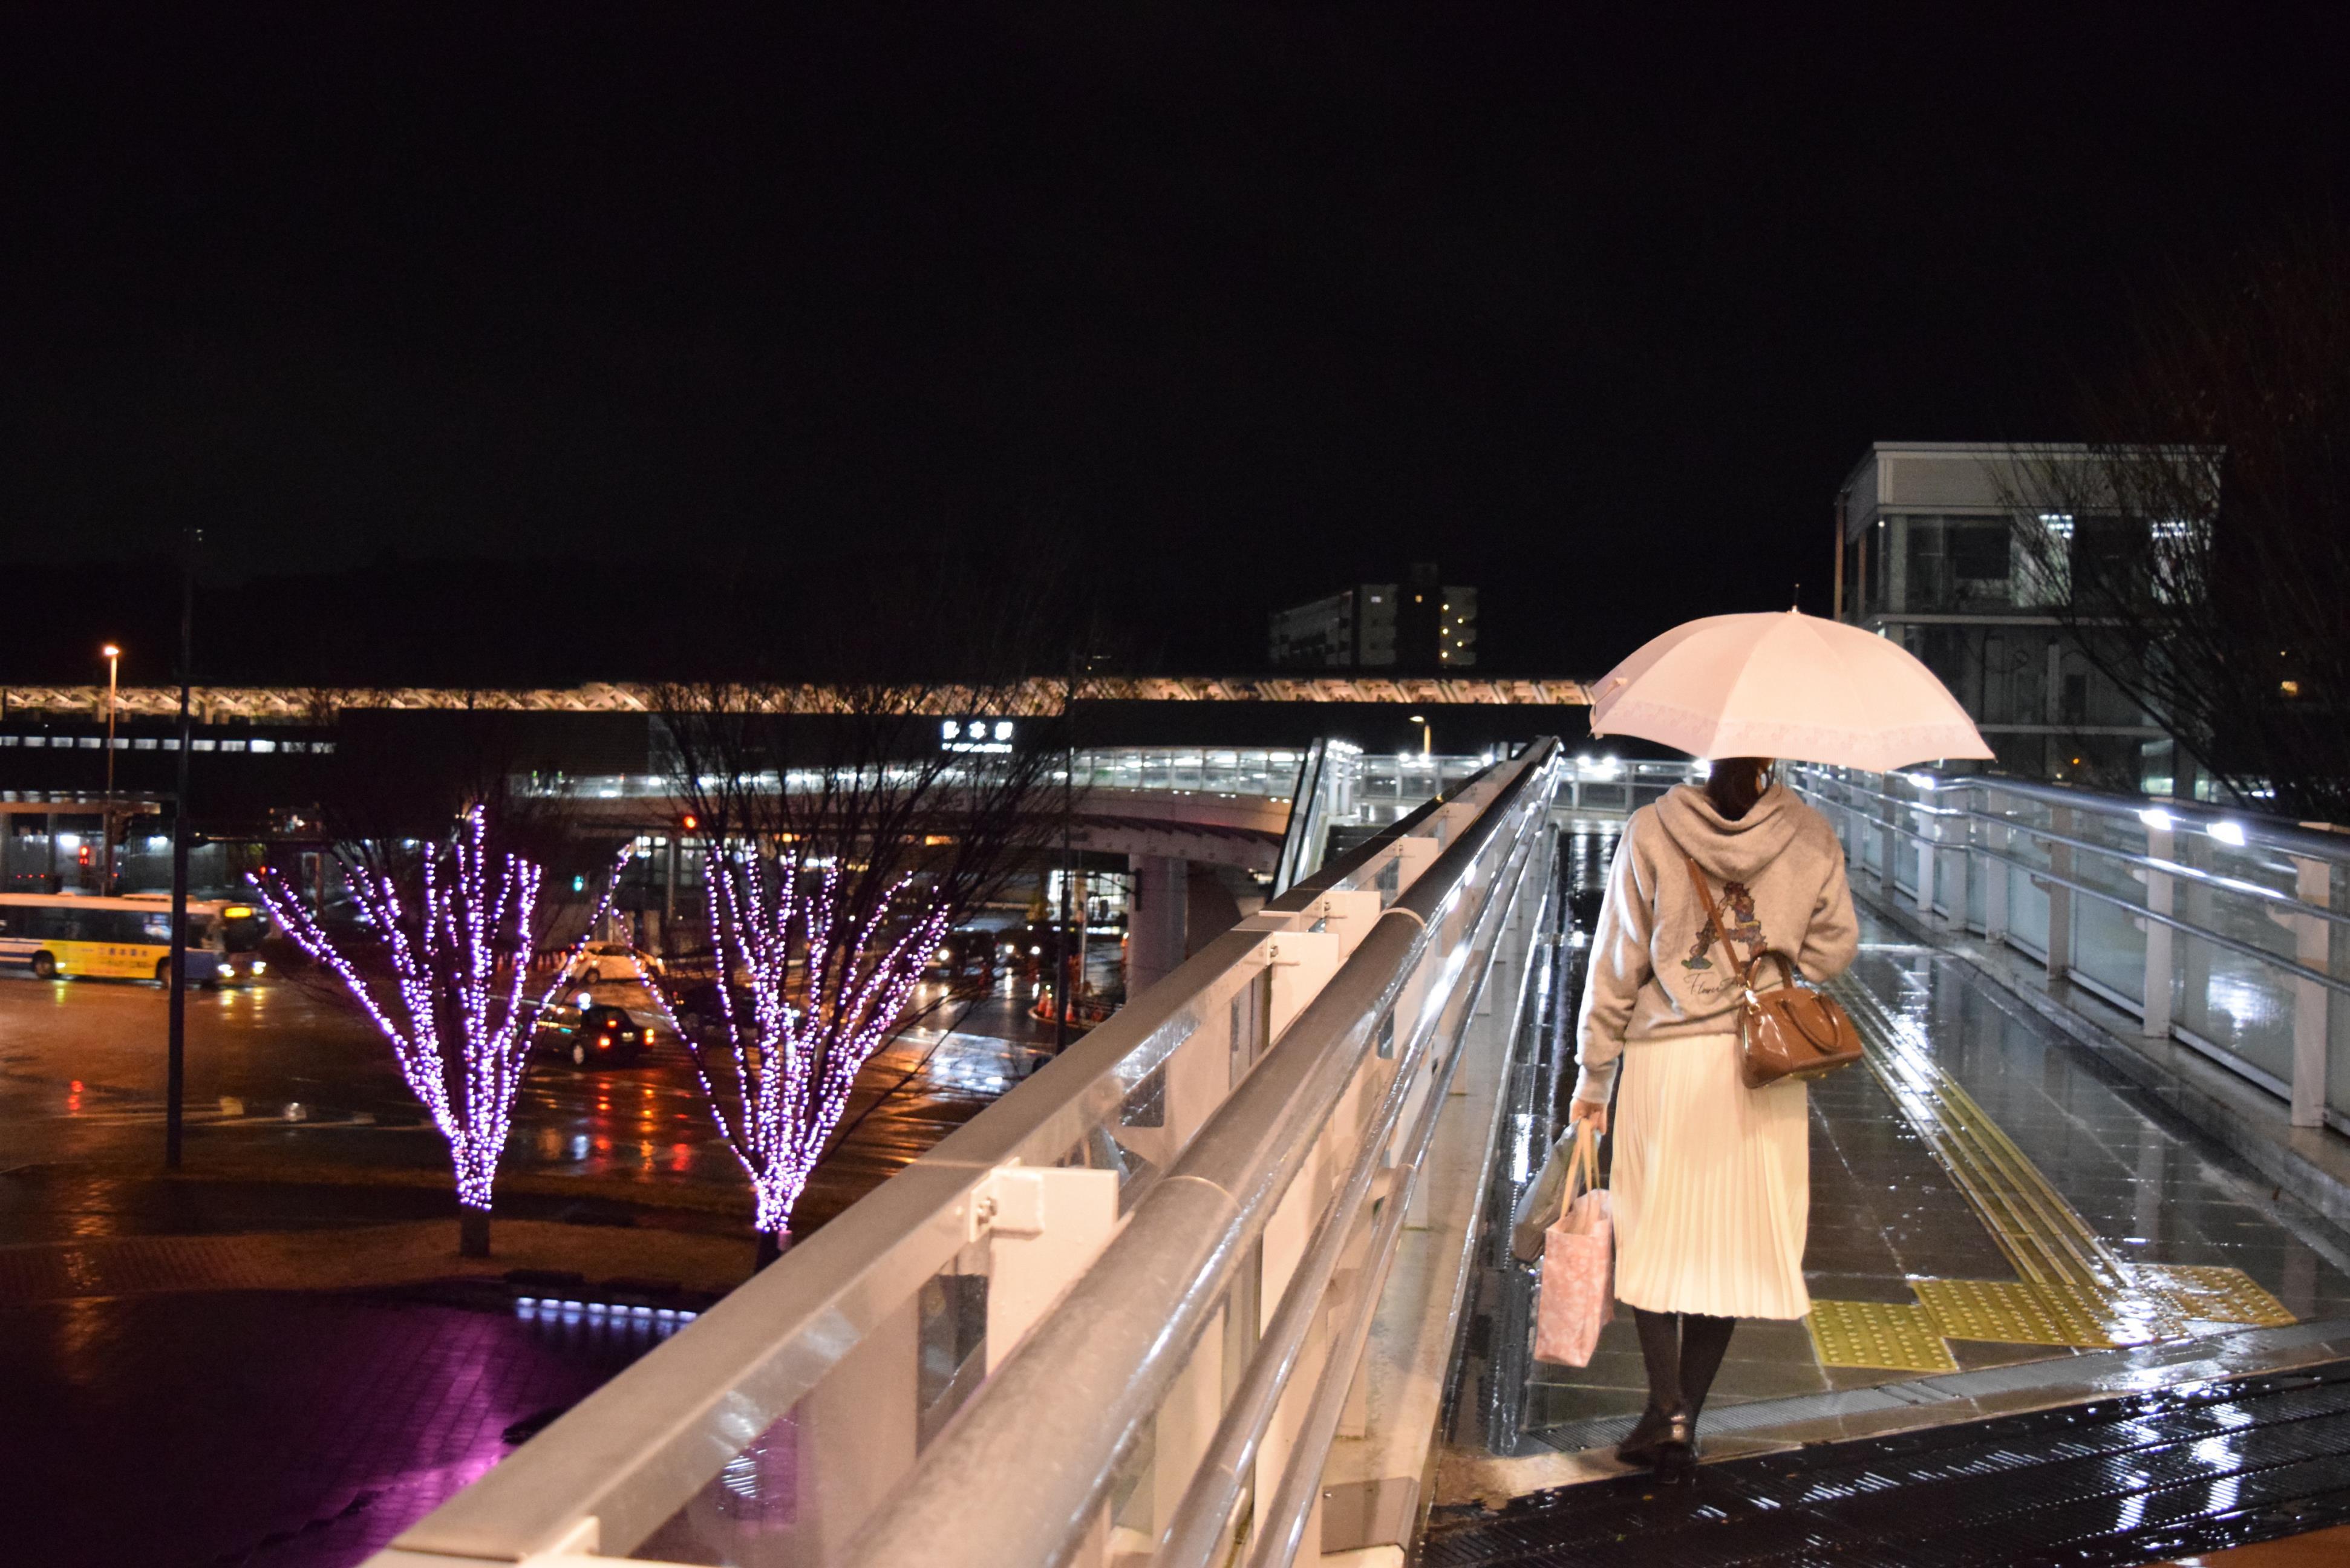 駅へ向かう舗道「雨の宵」